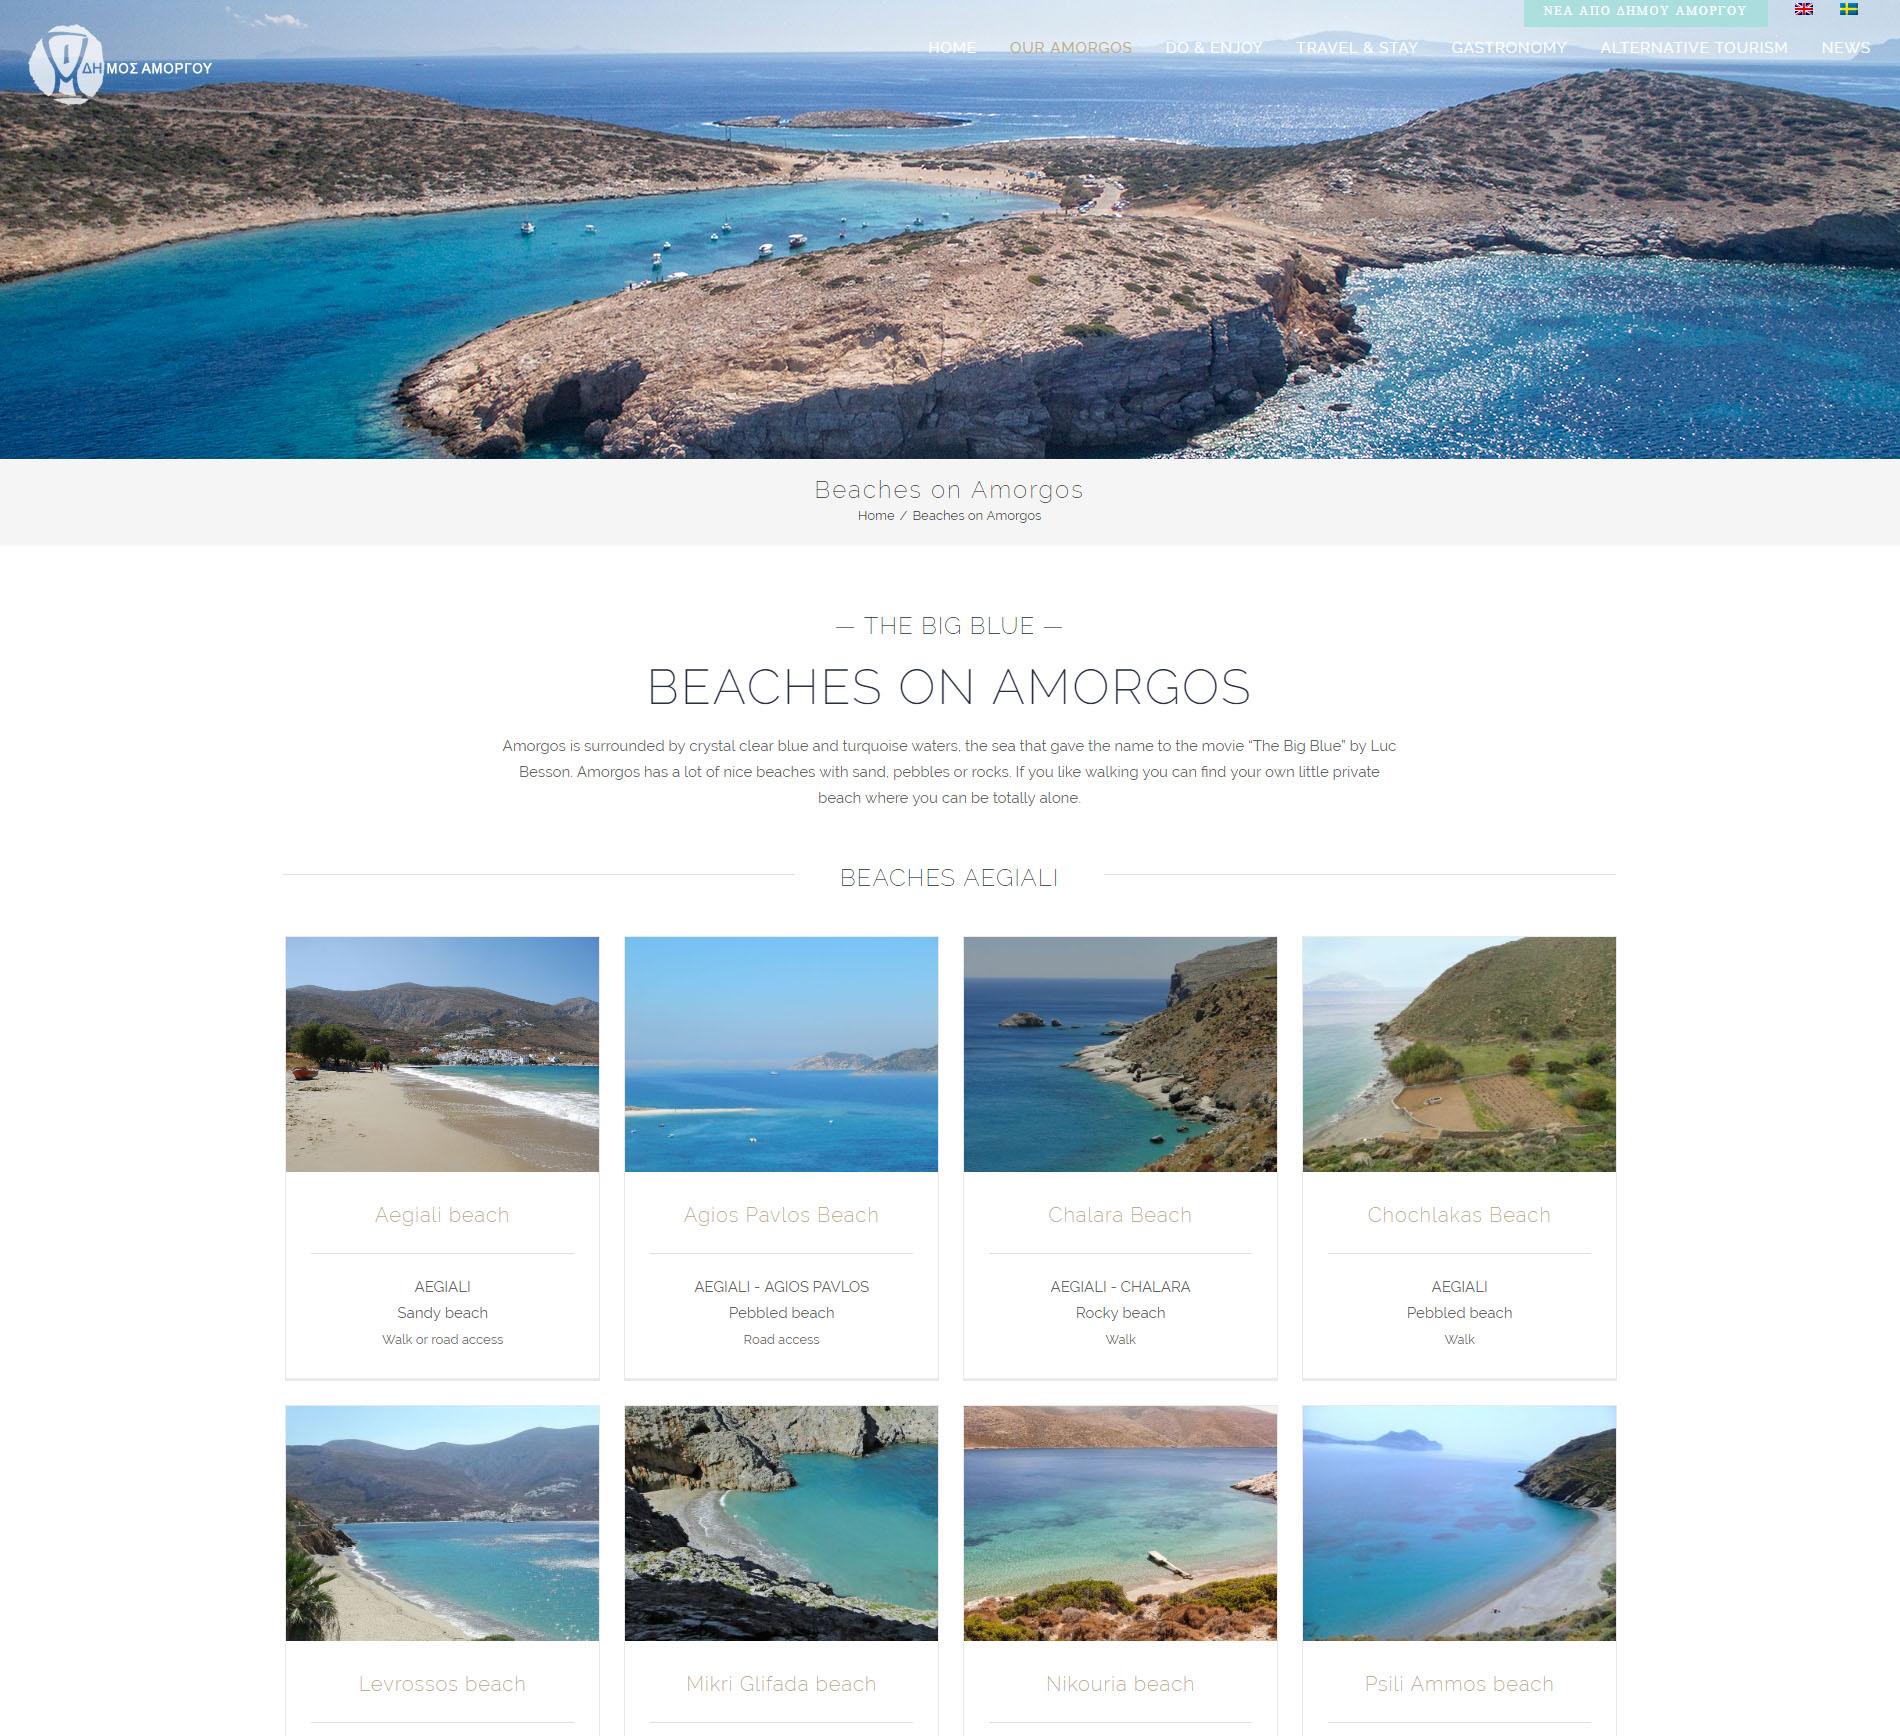 Amorgos Official Tourism Website